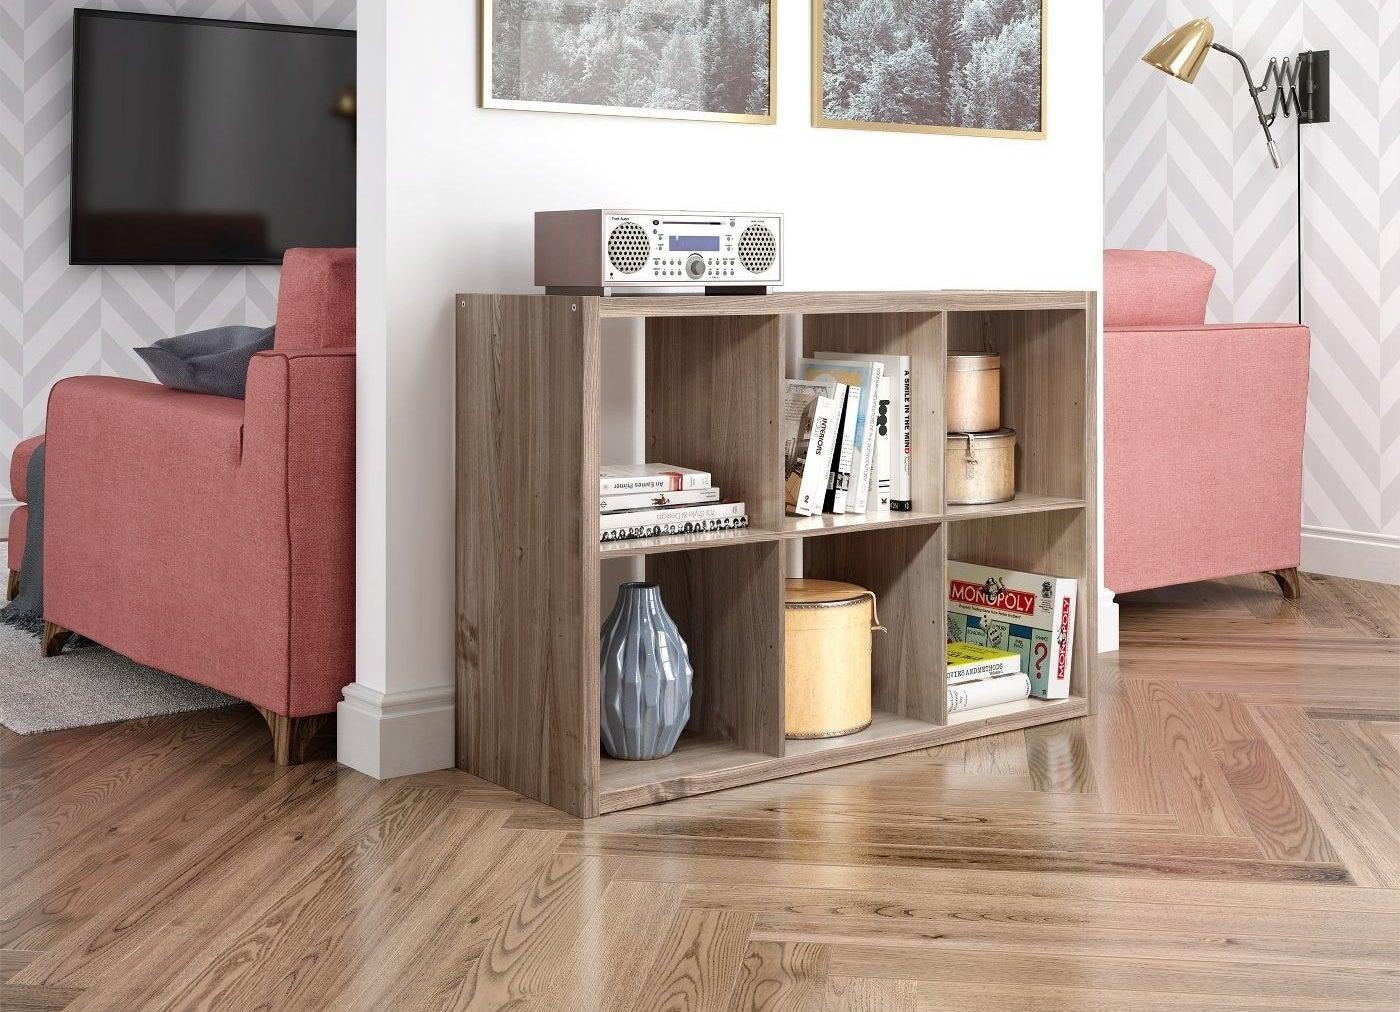 grey oak 6-cube organizer shelf against a wall with decor inside